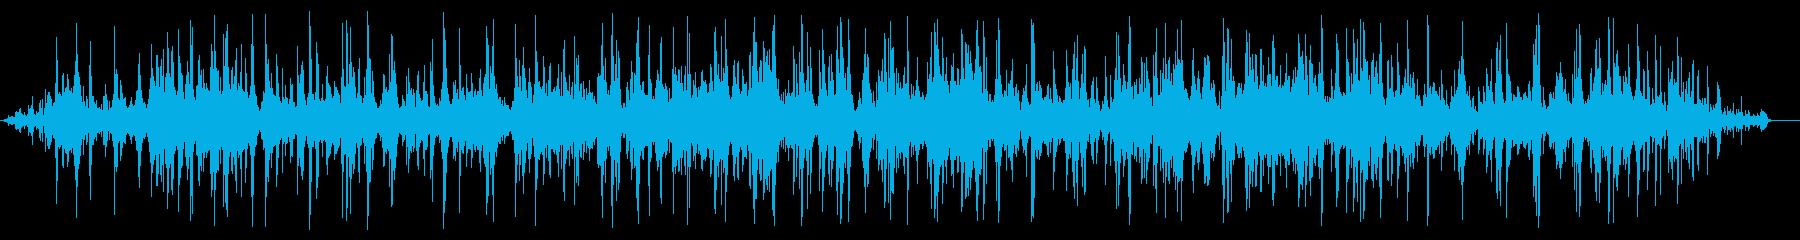 ドポドポドポ(水の音)の再生済みの波形